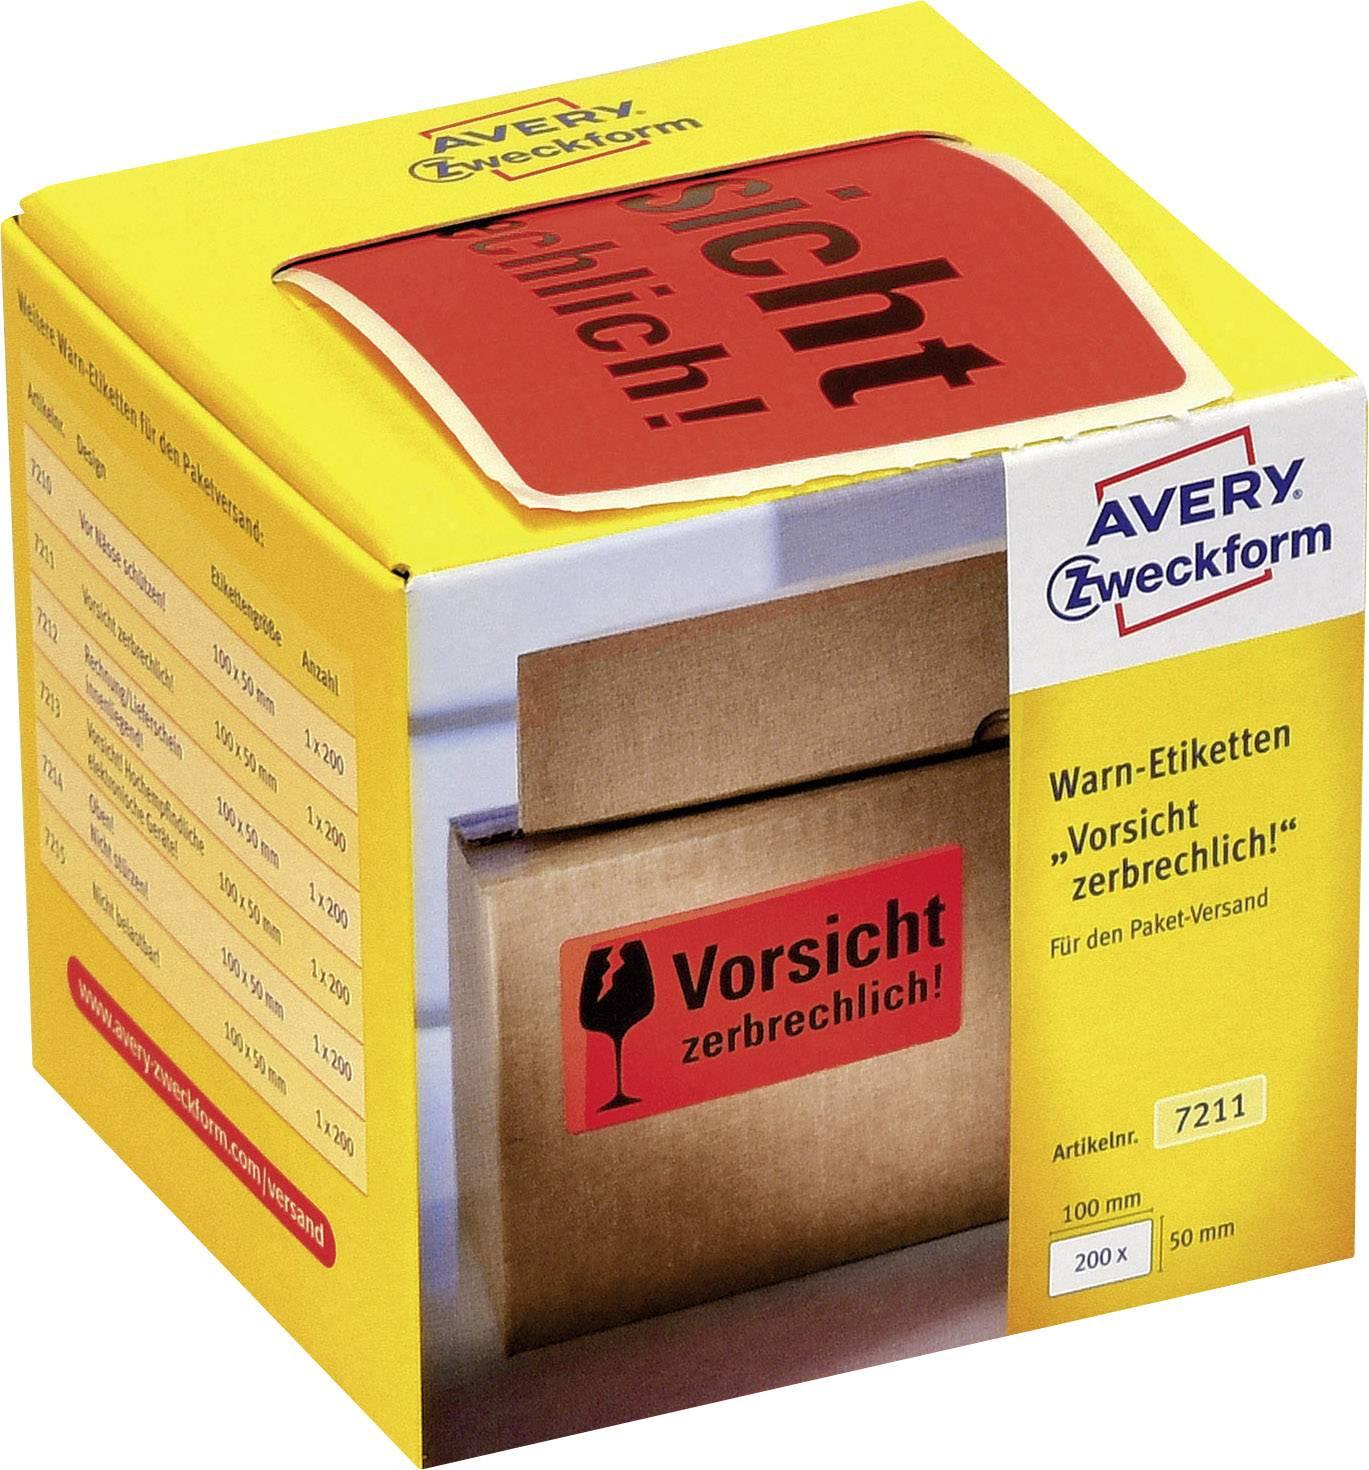 Avery Zweckform 7211 Warnetiketten 100 X 50 Mm Aufdruck Vorsicht Zerbrechlich 1 Rolle200 Etiketten Neonrot